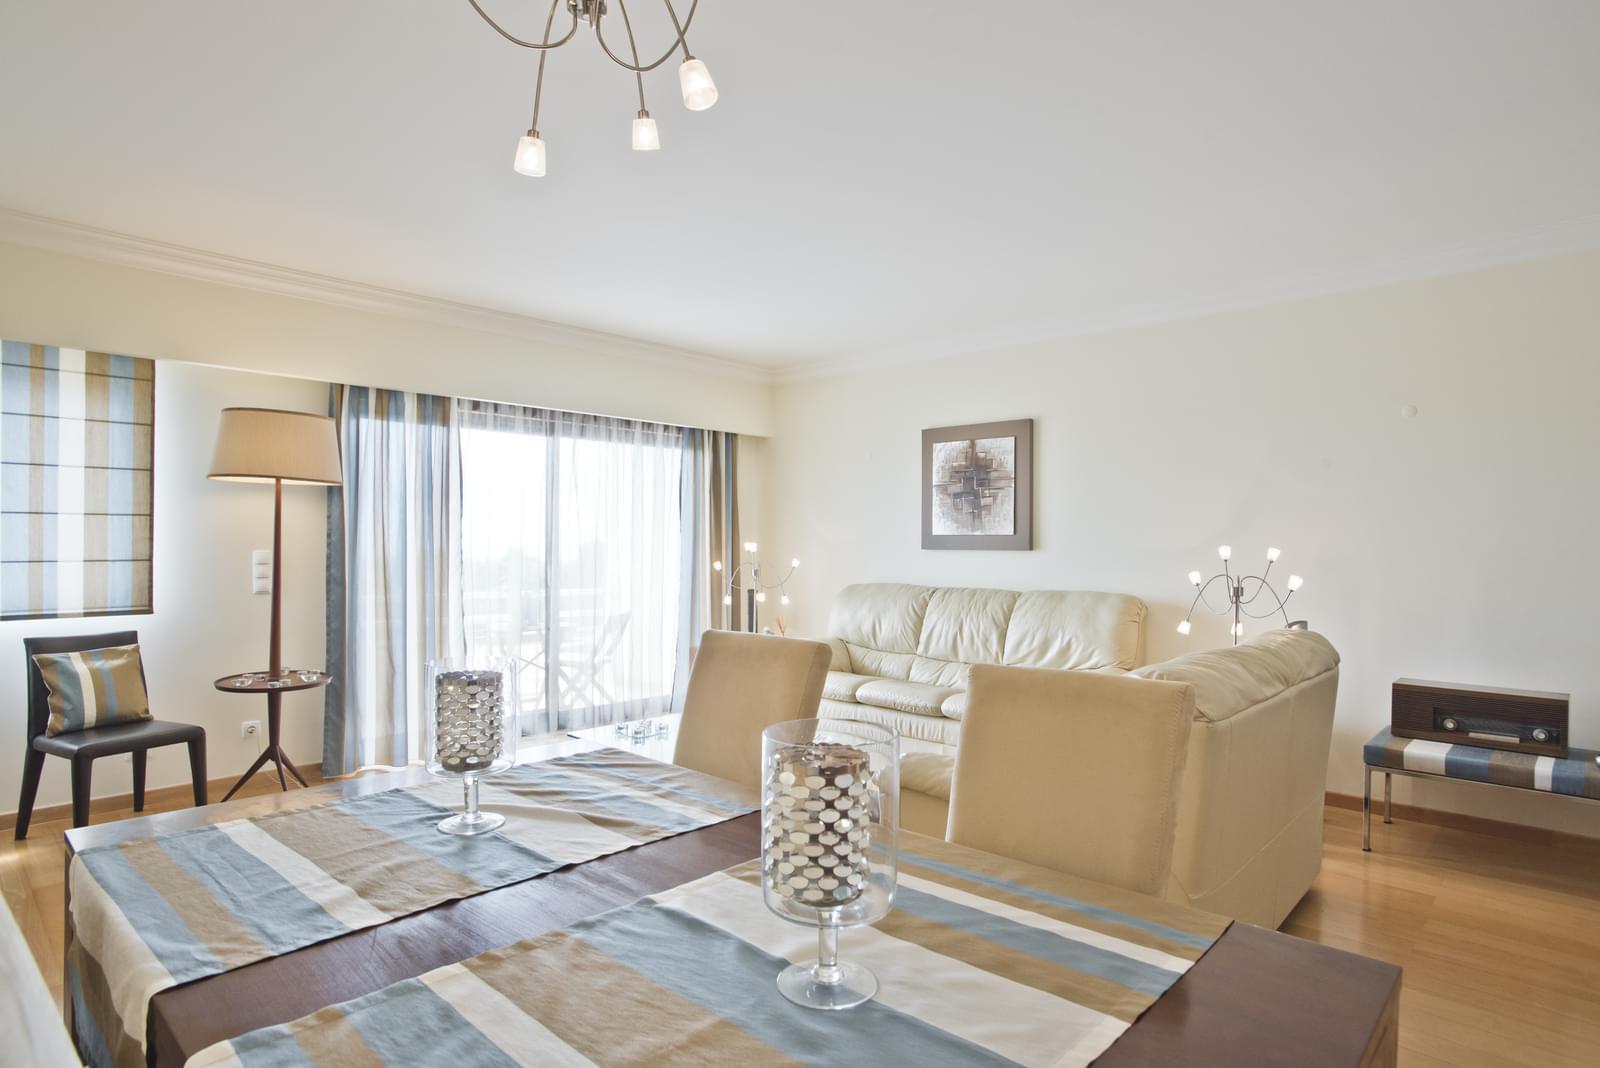 pf17004-apartamento-t3-cascais-507978e7-91b1-471c-bf49-339f89fc51fa